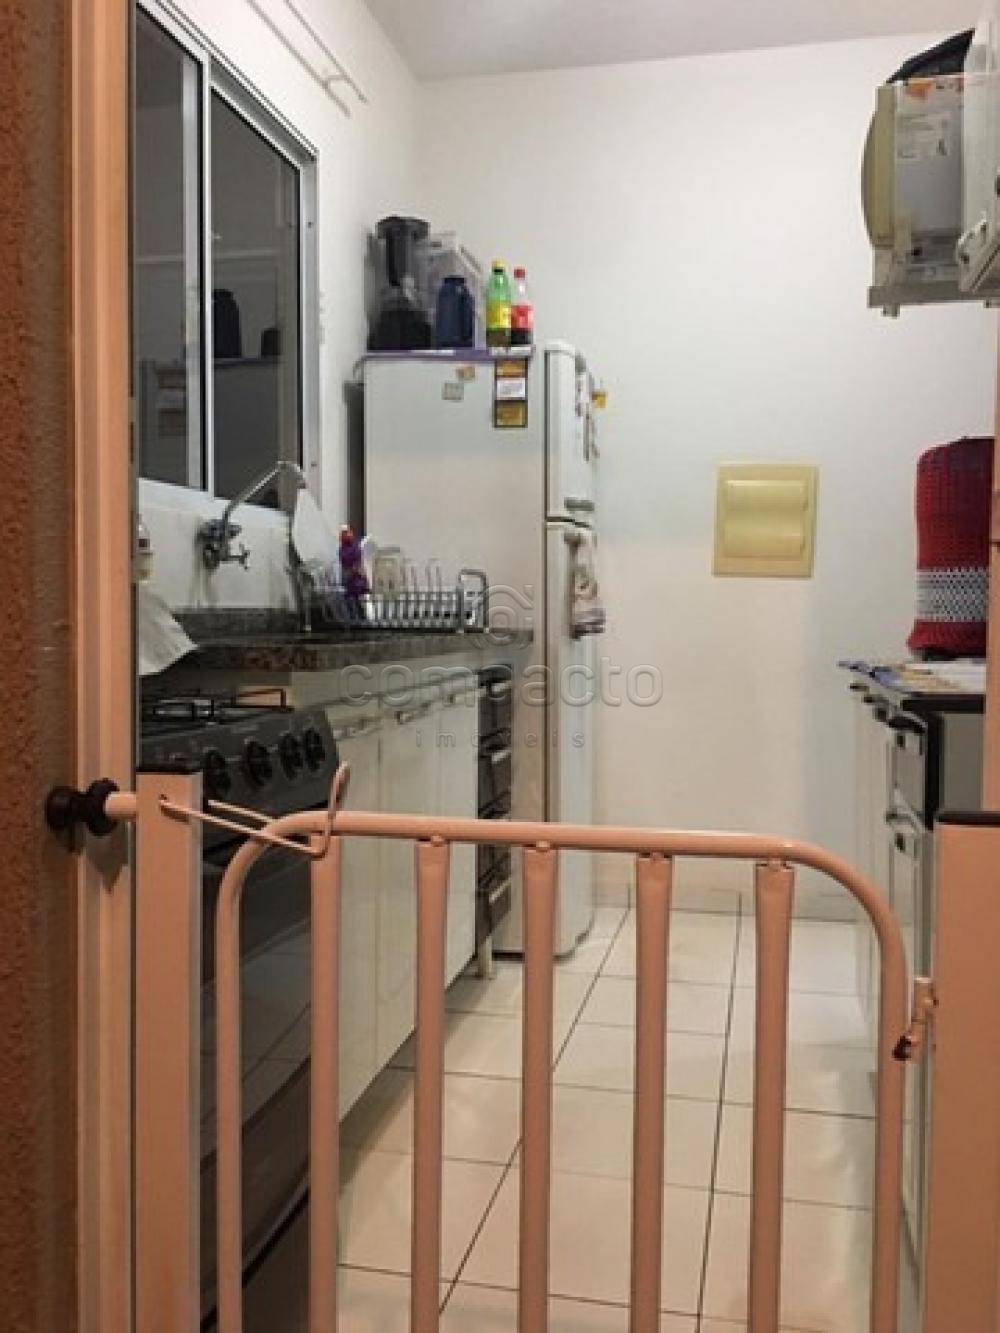 Comprar Casa / Condomínio em São José do Rio Preto apenas R$ 315.000,00 - Foto 9